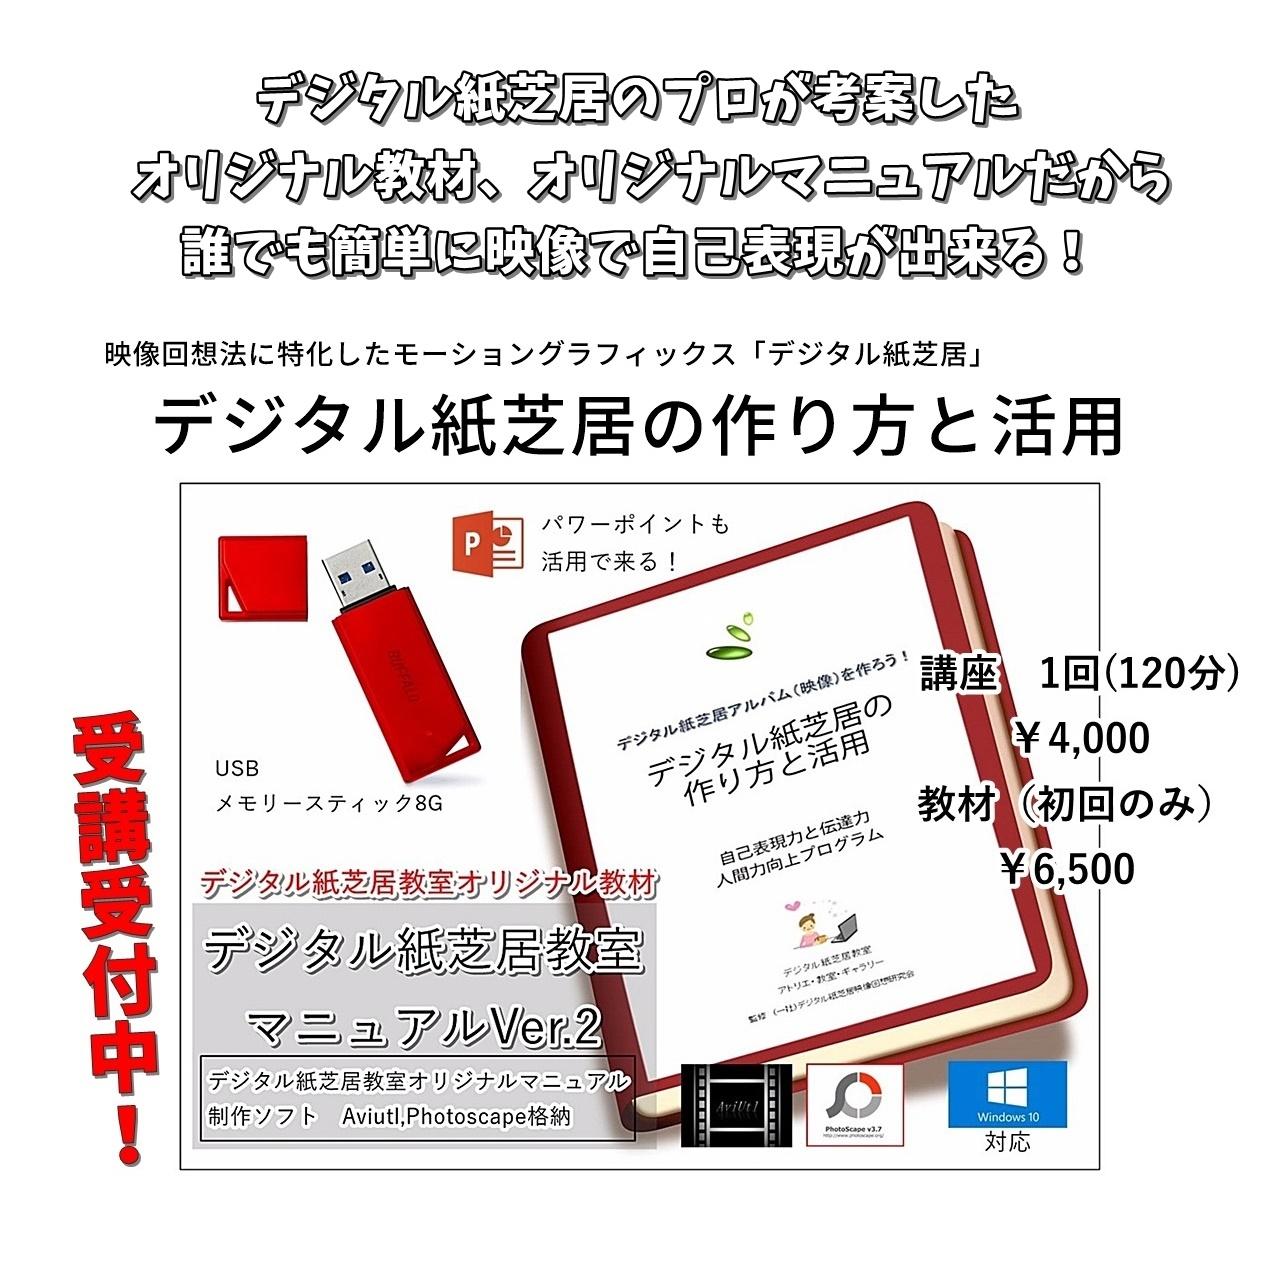 デジタル紙芝居制作マニュアルver.2